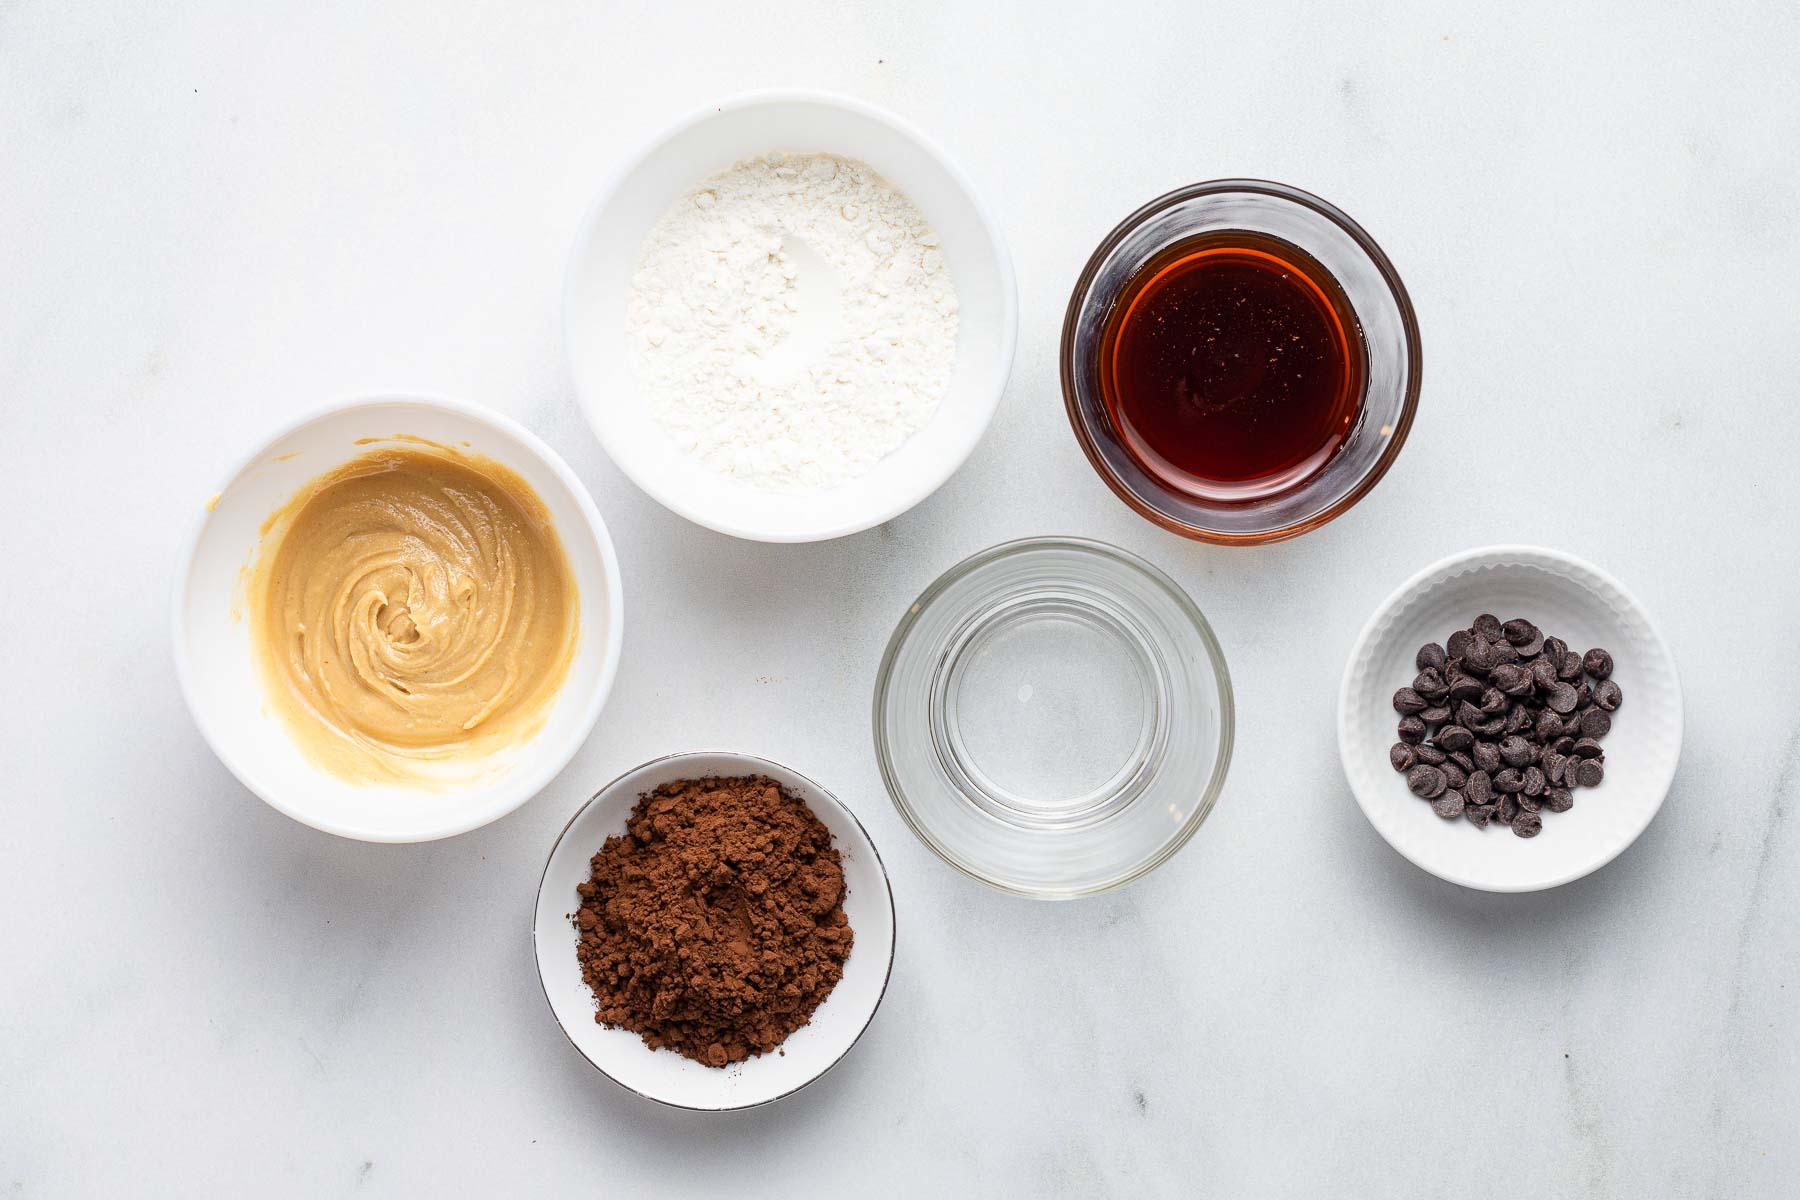 Ingredients for a ramekin microwave brownie.